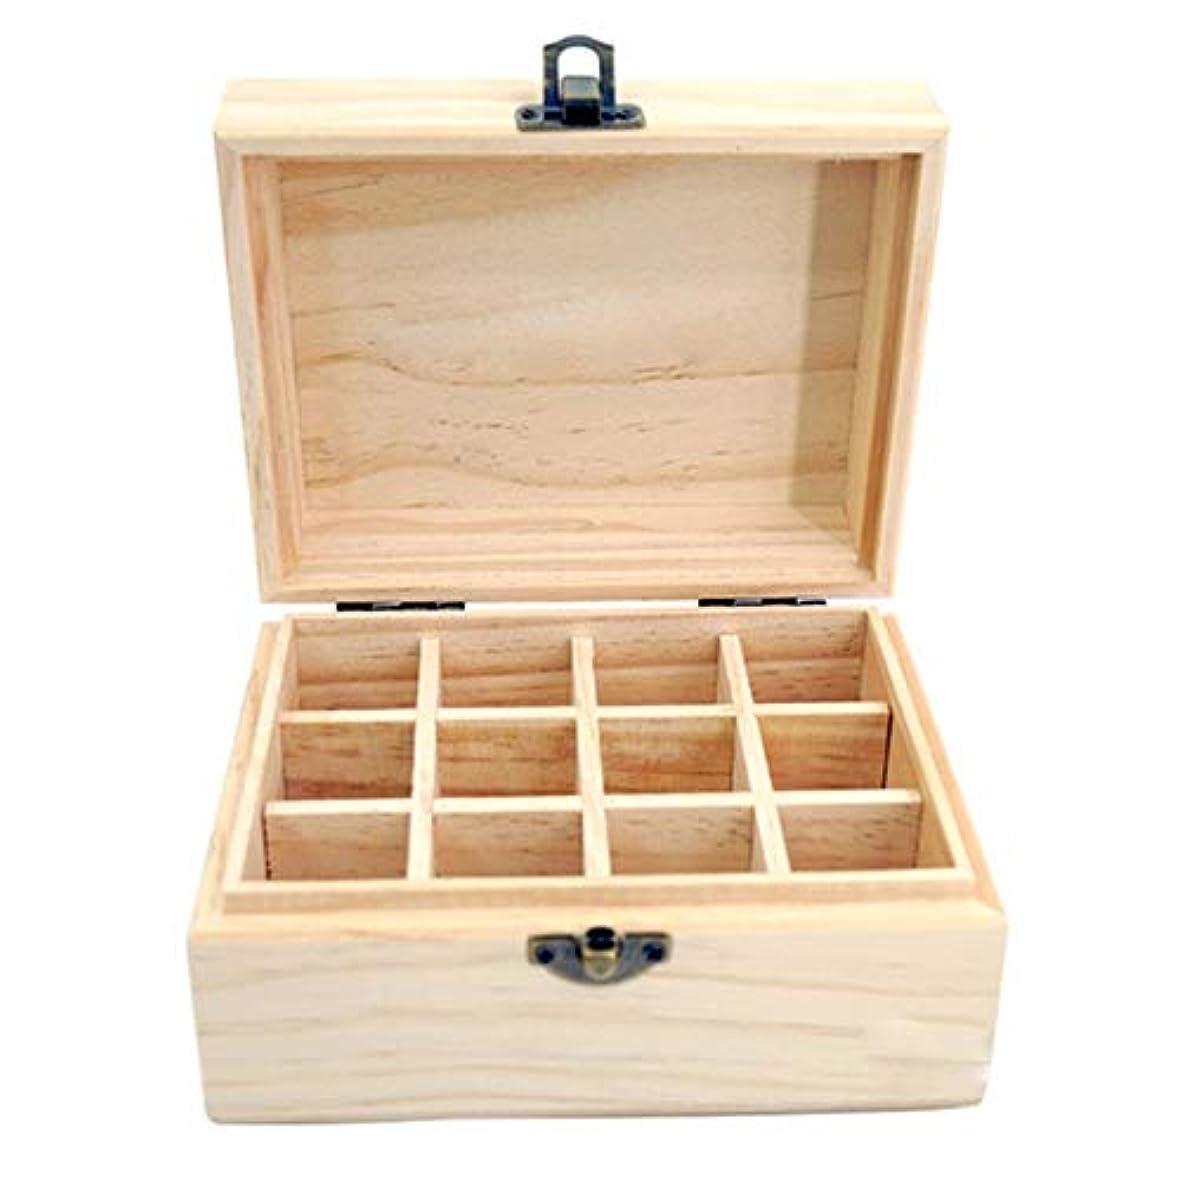 主張表向き巻き取り12スロットエッセンシャルオイル木箱の収納ケースは、あなたの油安全保護さを保つ保護します アロマセラピー製品 (色 : Natural, サイズ : 15X11.5X8CM)